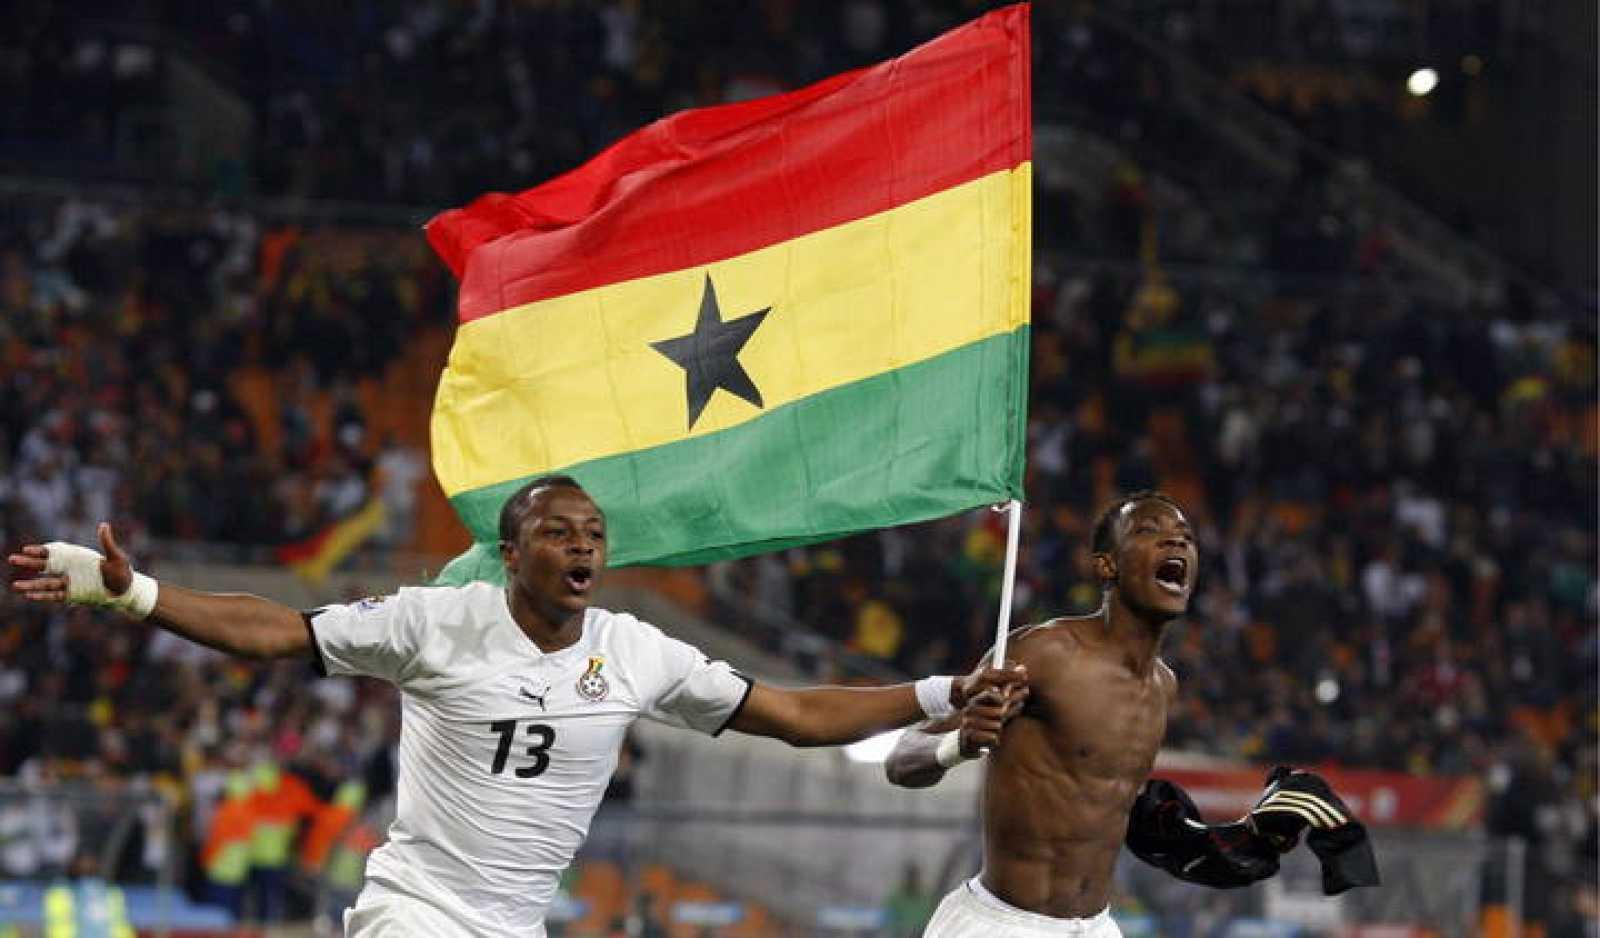 Los jugadores ghaneses Andre Ayew y John Pantsil celebran con una bandera nacional el pase de su selección a octavos.